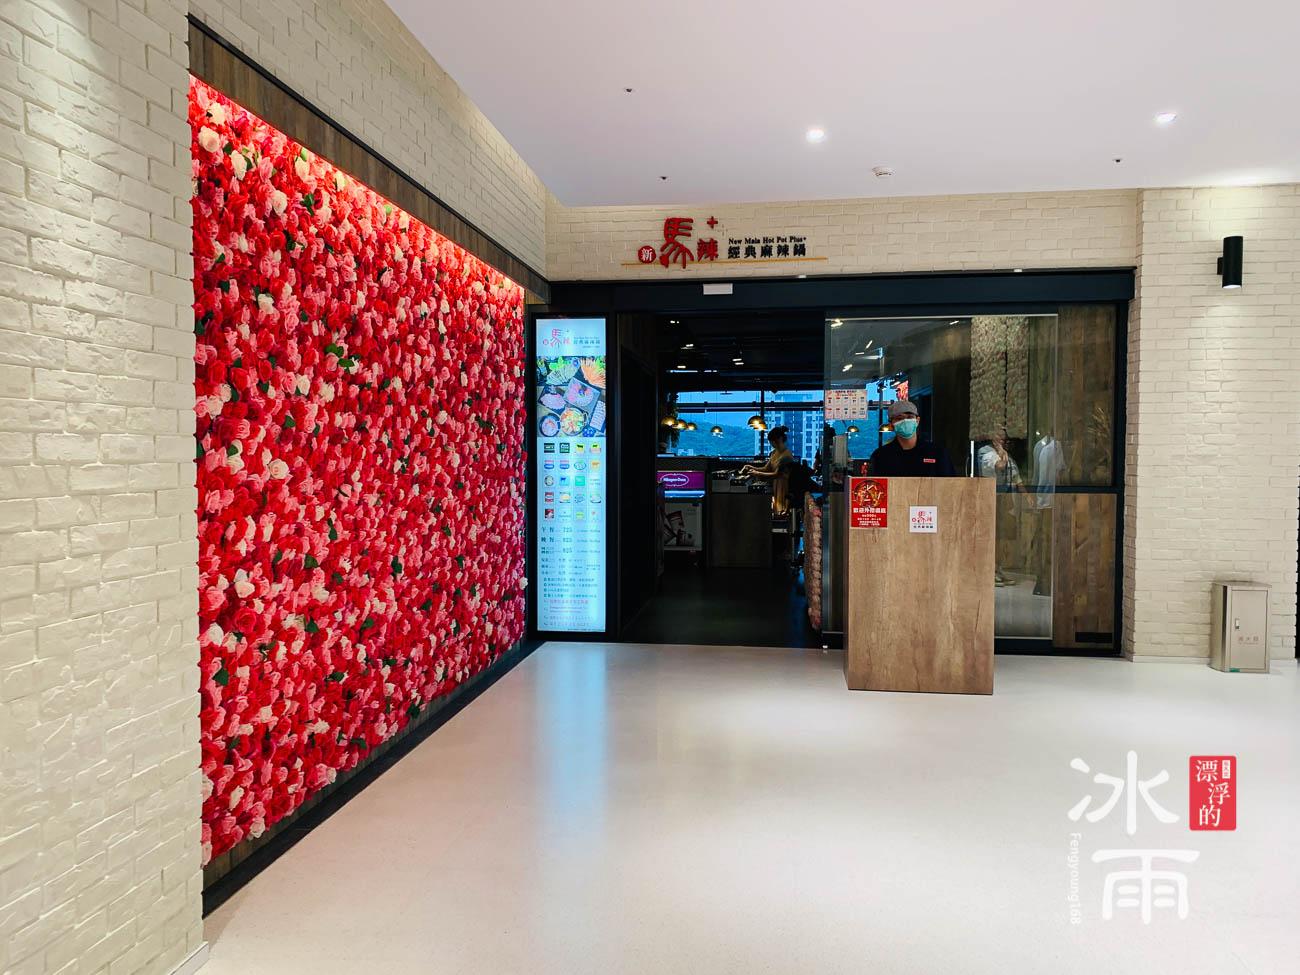 裝飾紅色的牆面,和經典的麻辣口感呼應,店內的裝潢很簡單,也有一樣的紅色花椒